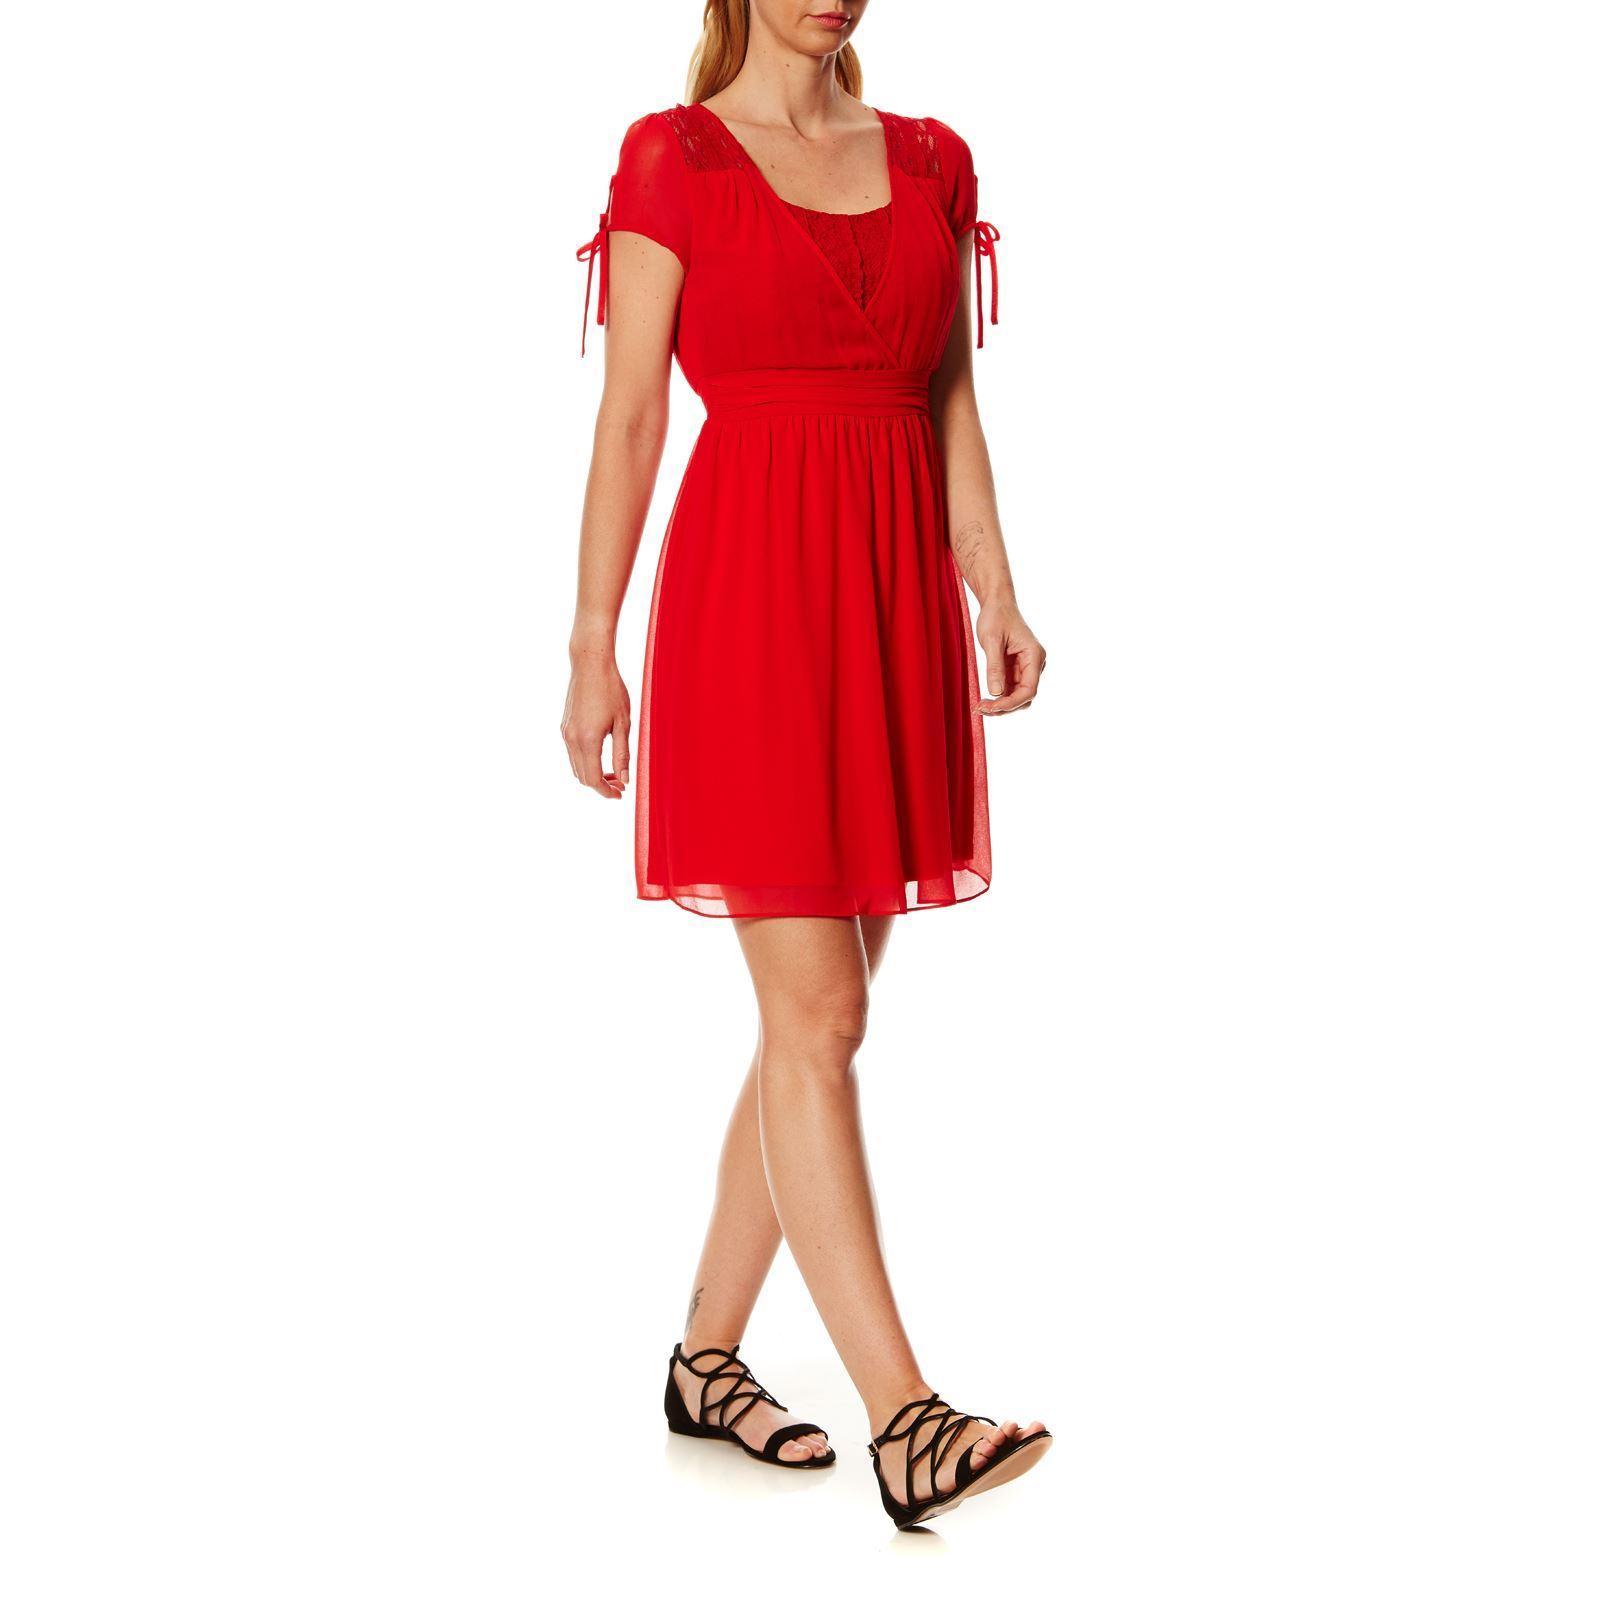 Naf naf robe rouge